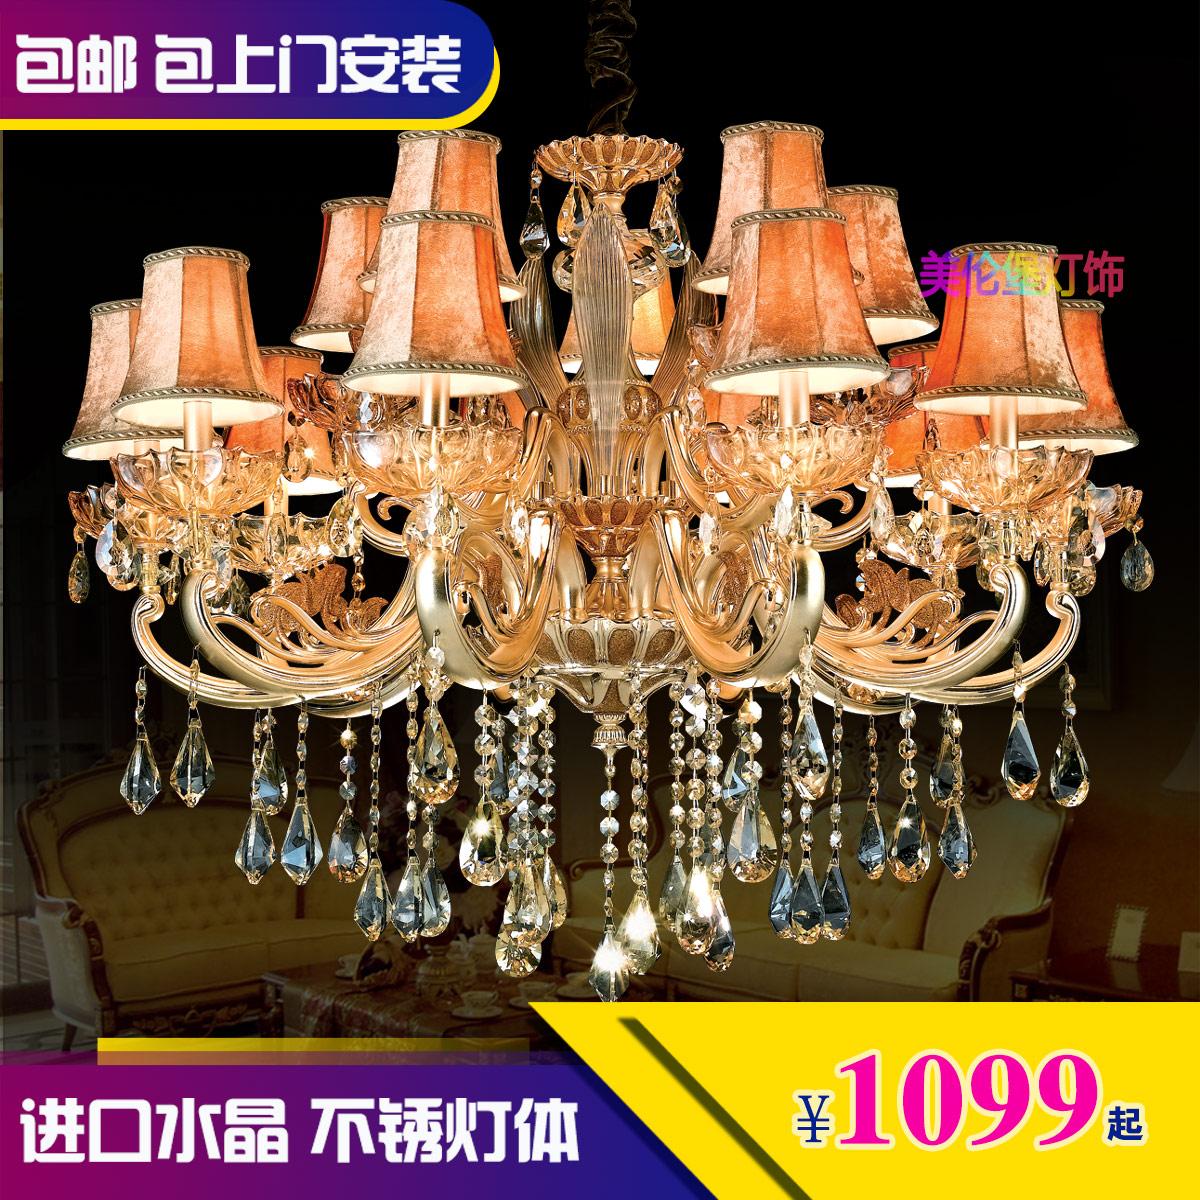 别墅复式楼梯新古典复古创意蜡烛欧式水晶灯具装饰客厅艺术吊灯罩